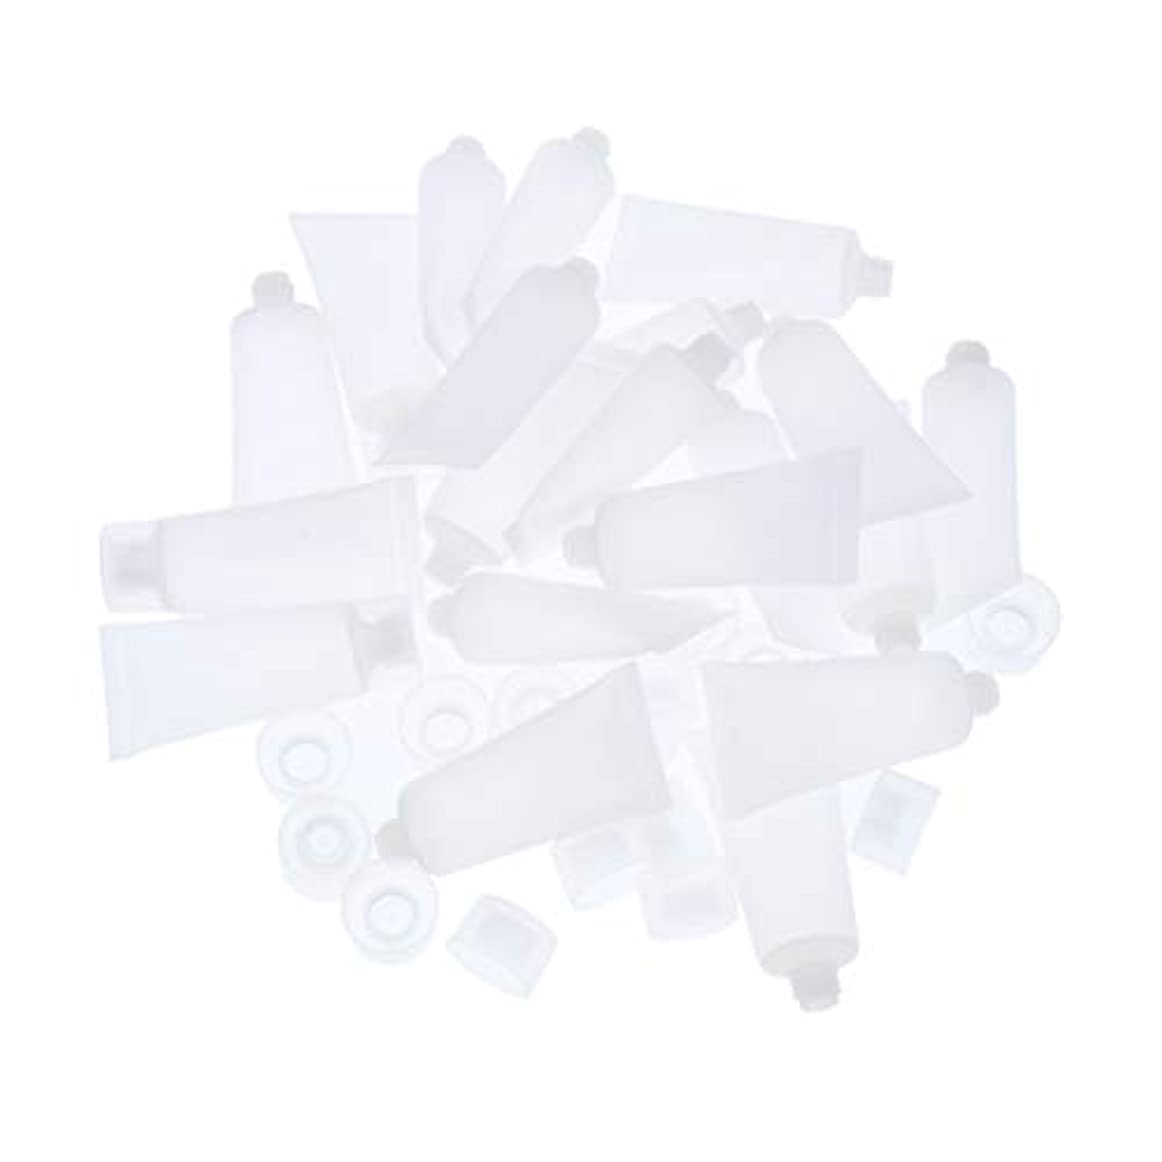 説得力のある前方へシュガーTachiuwa プラスチック 小分けボルト 化粧品ボルト クリームボルト 詰替え容器 旅行用品 約20個 全4サイズ - 20ml